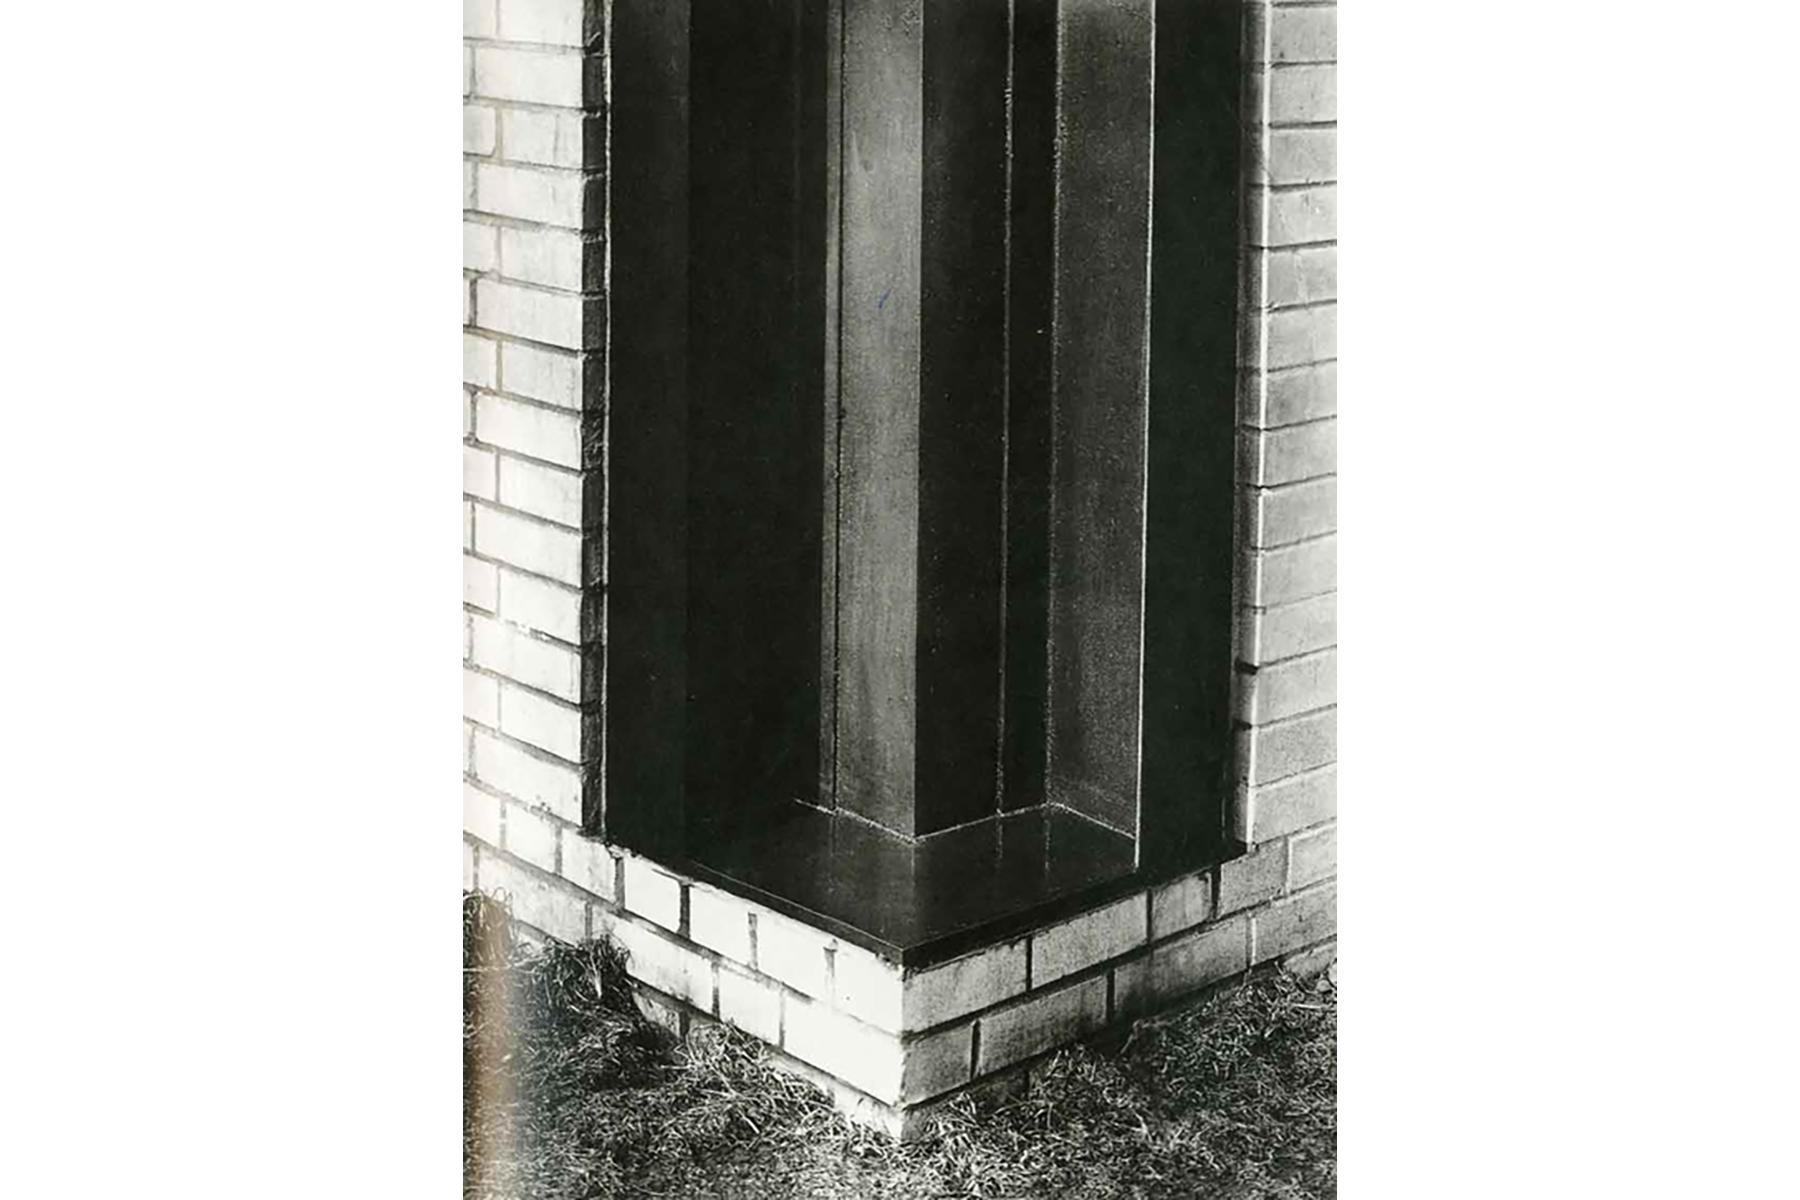 Encuntro en esquina del IIT de Mies van der Rohe